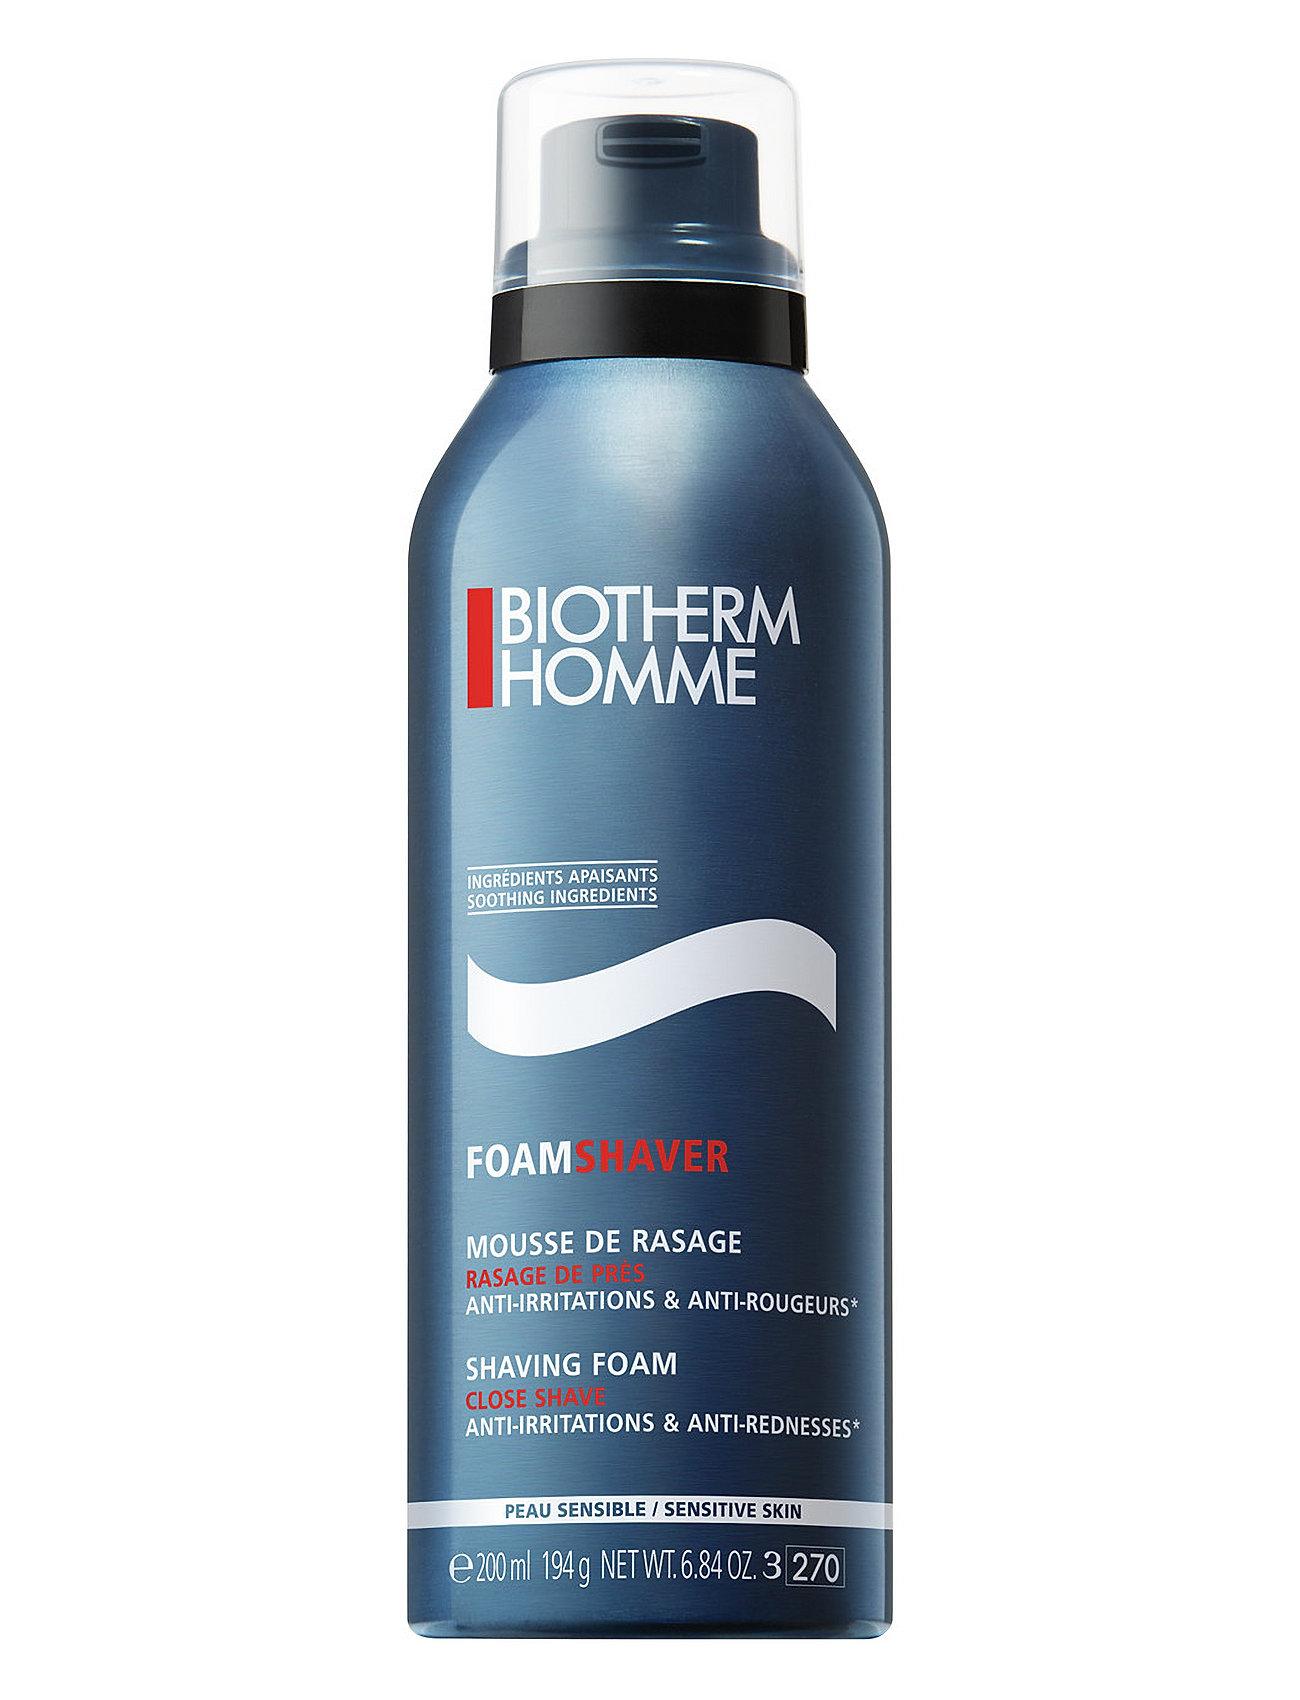 biotherm – Shavingfoam for sensitive skin 200 ml fra boozt.com dk